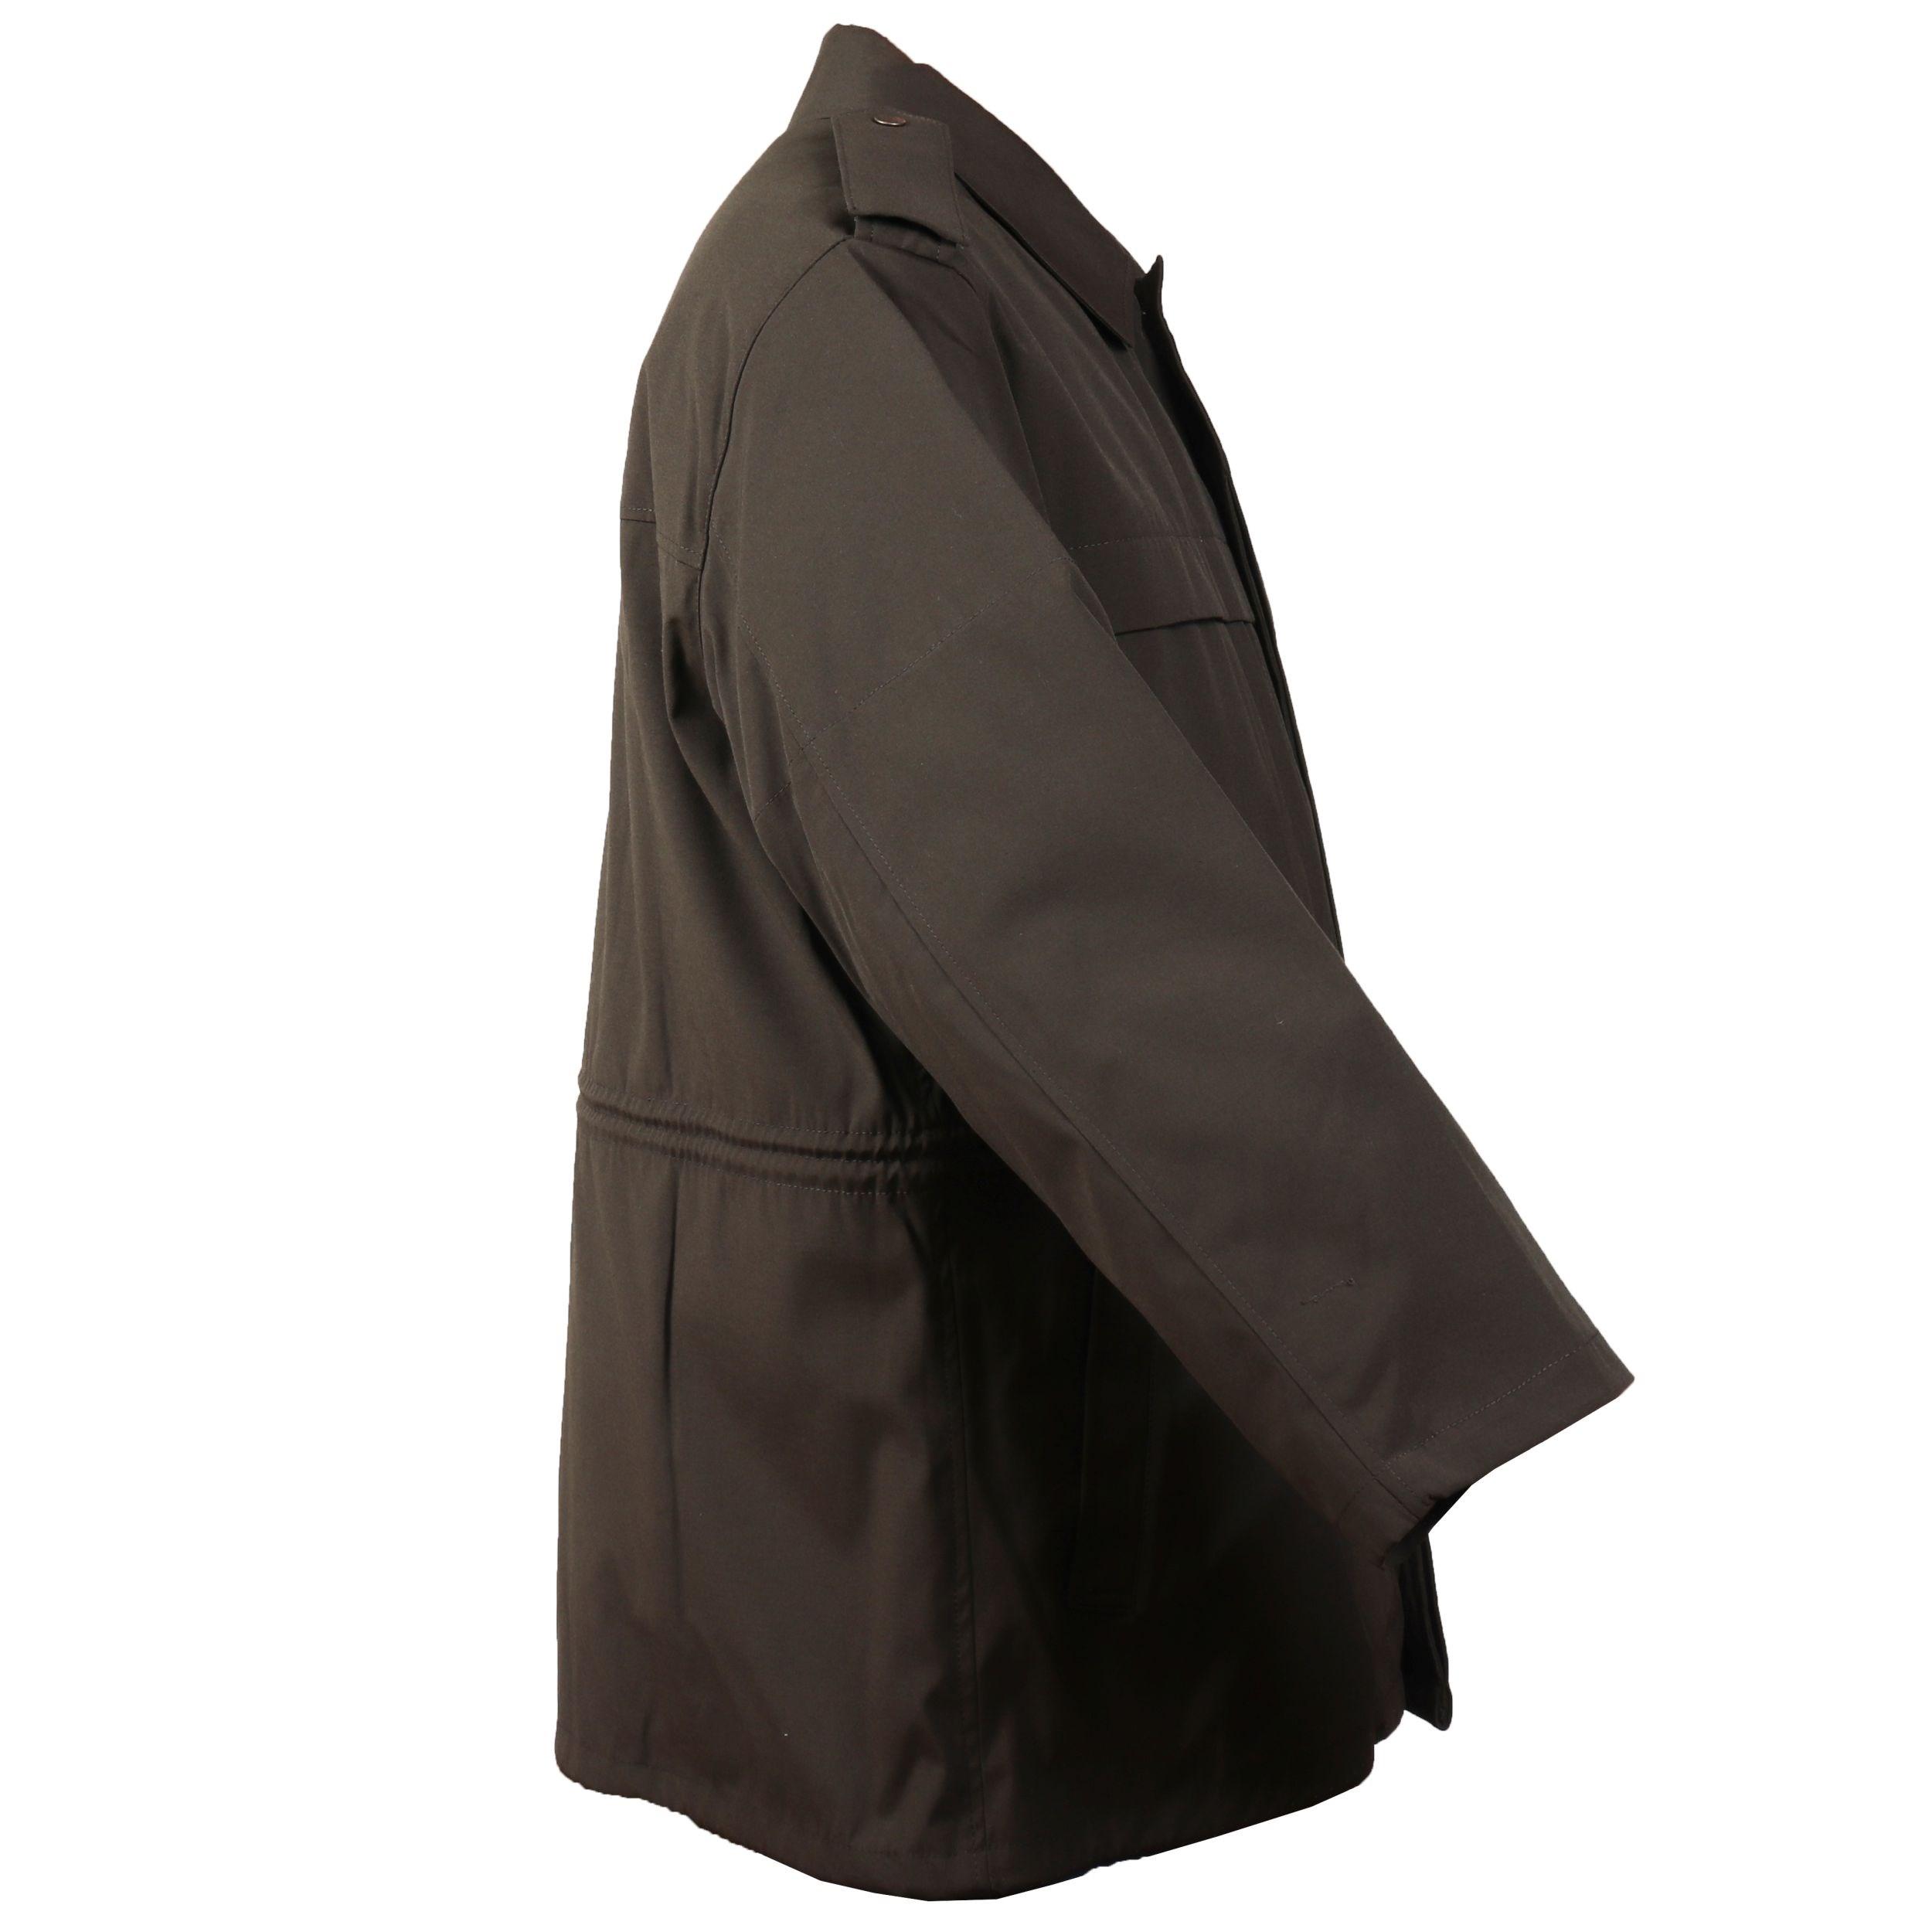 Kabát vycházkový SK vz.98 s prošívanou odjímatelnou vložkou Armáda Slovenská 8248799 L-11